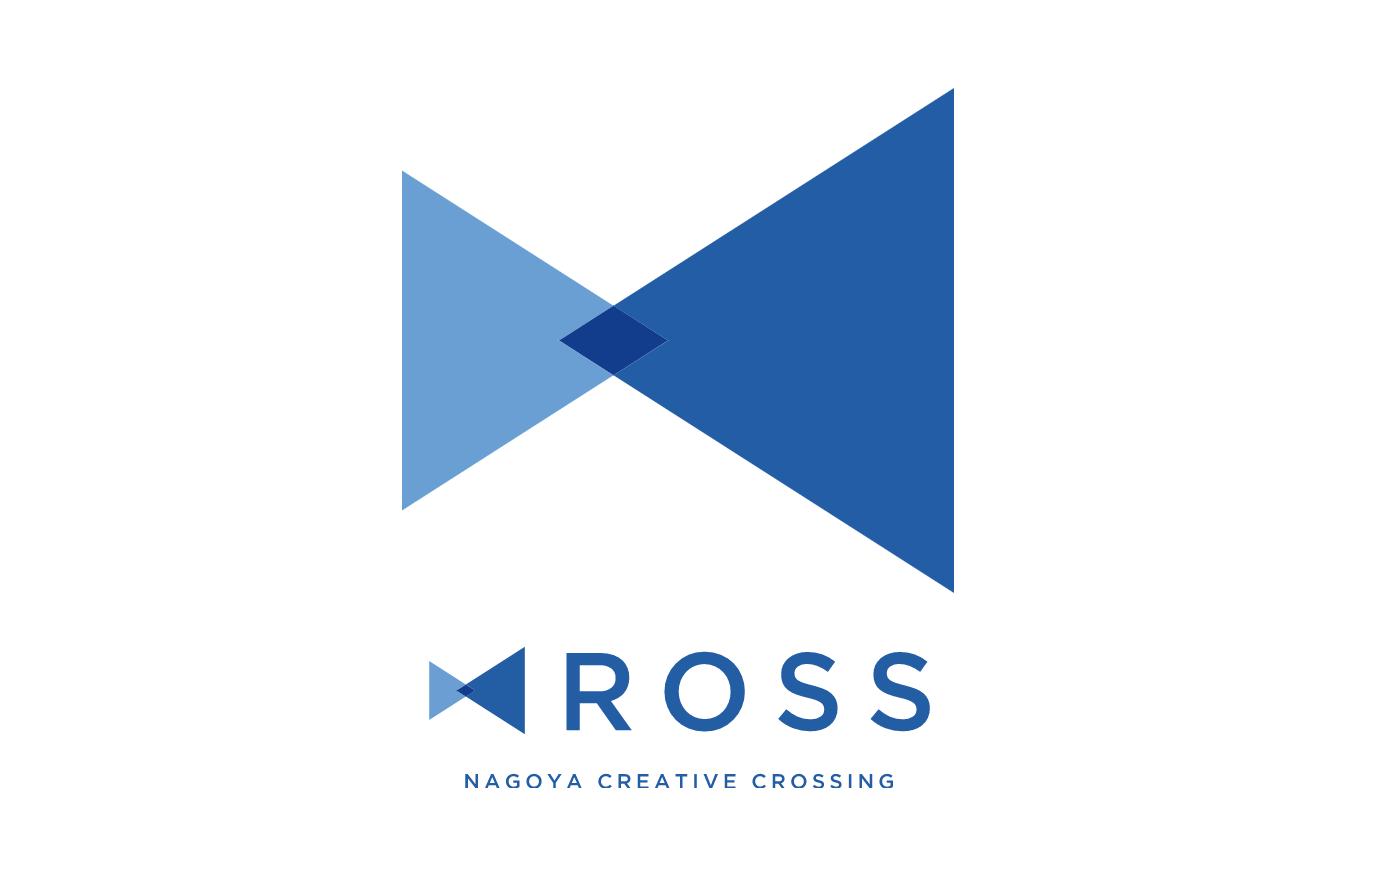 名古屋市主催 異業種連携ワークショップ XROSSに参加いたします